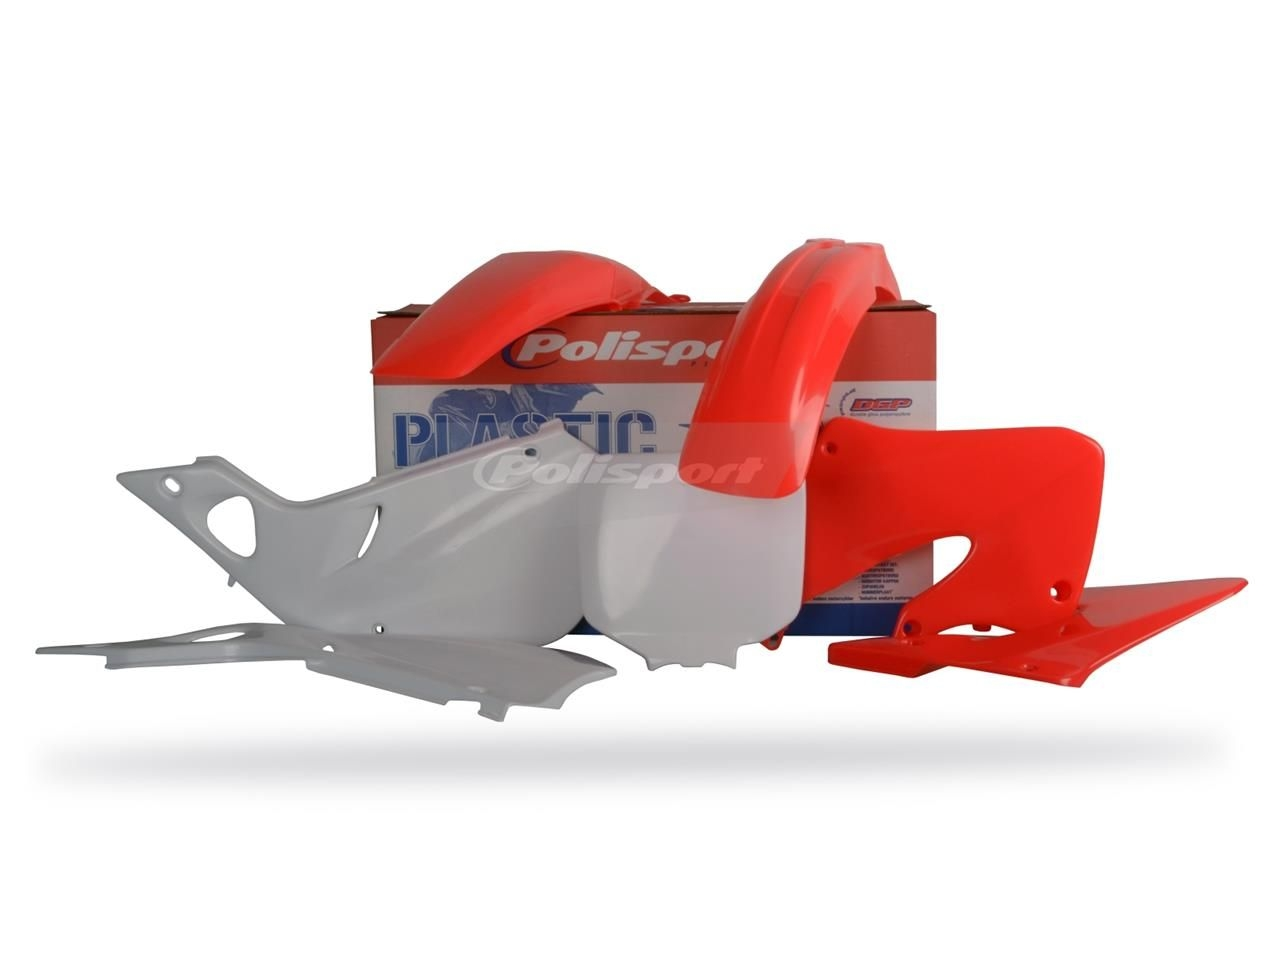 Kit plastique Polisport Honda CR 250R 98-99 (rouge/blanc origine)